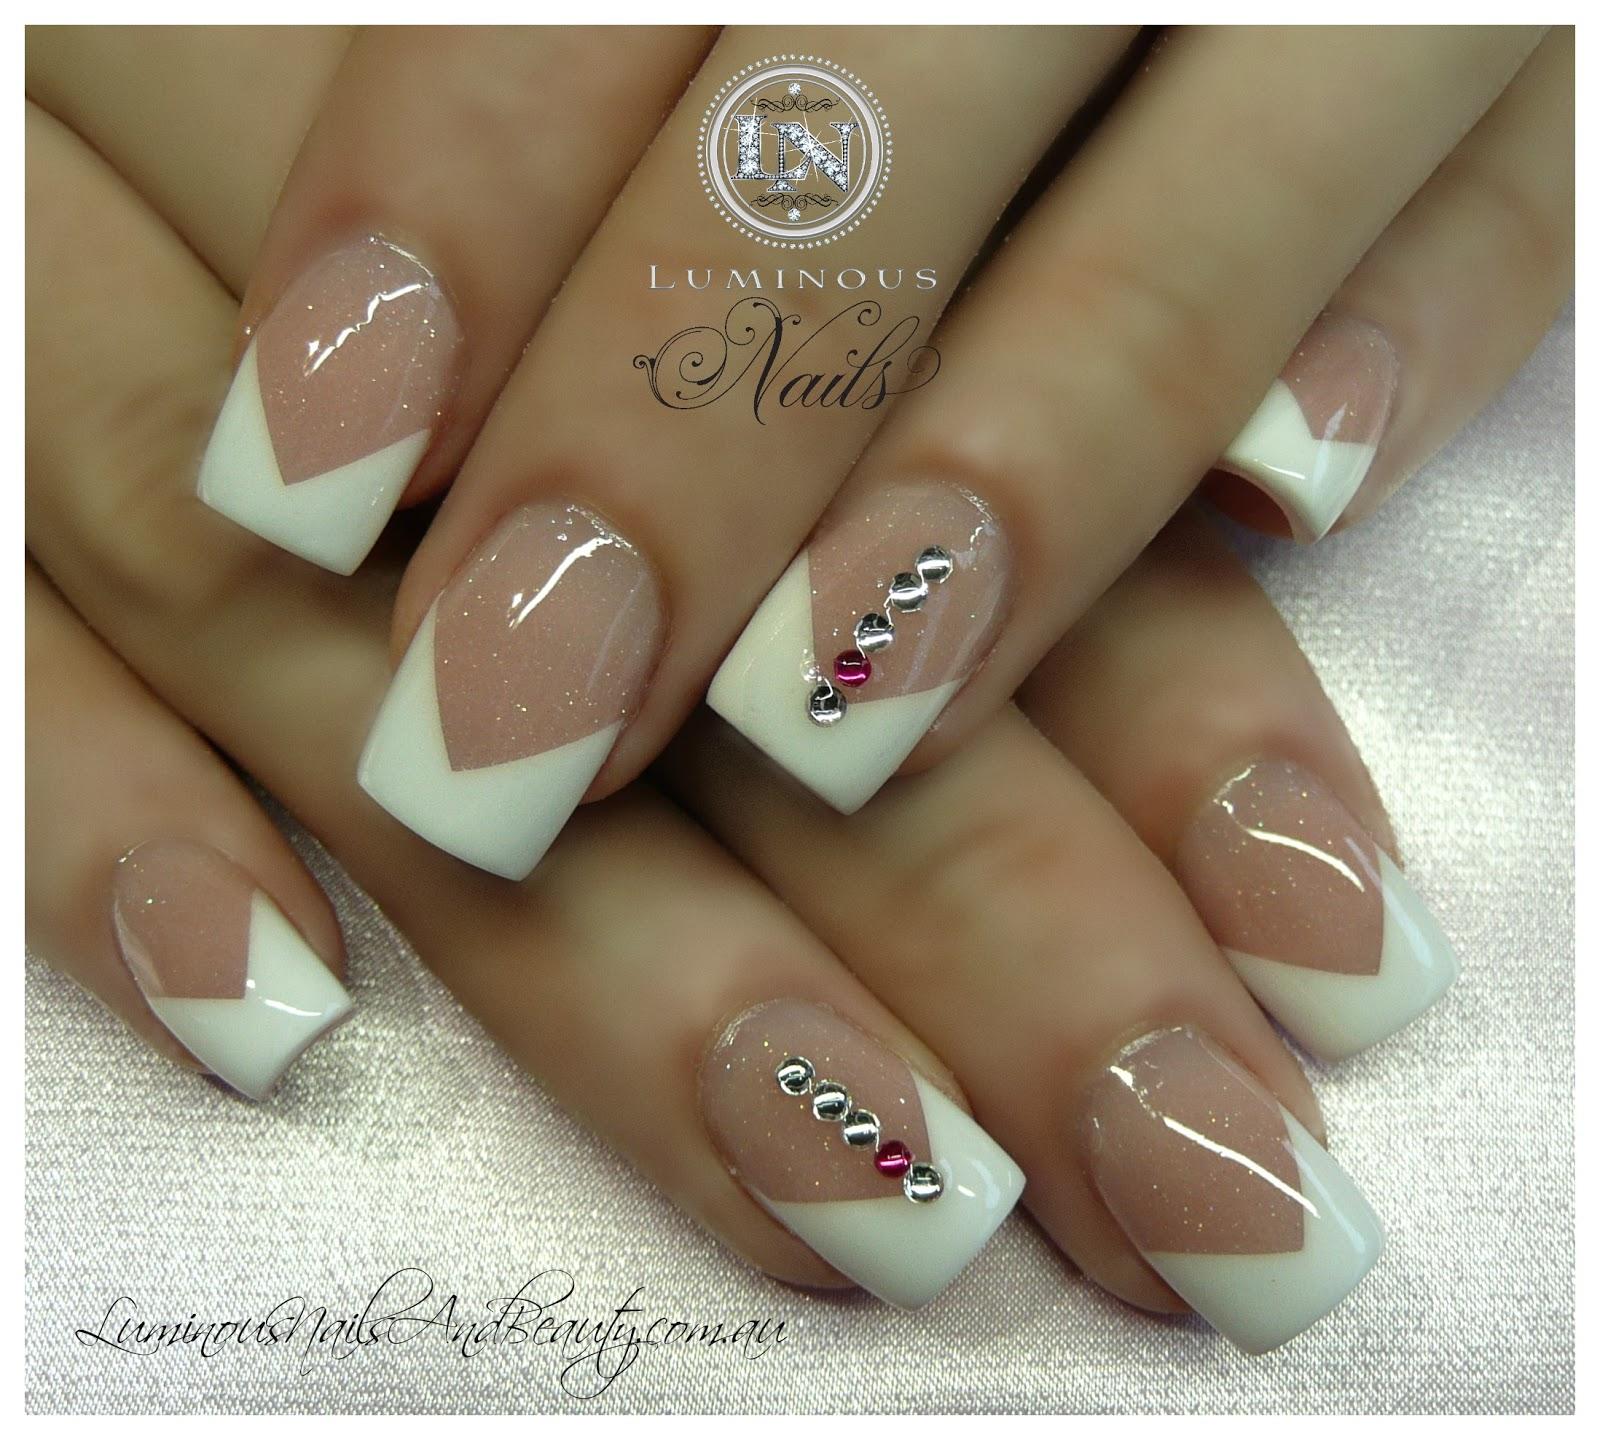 Luminous Nails: December 2012